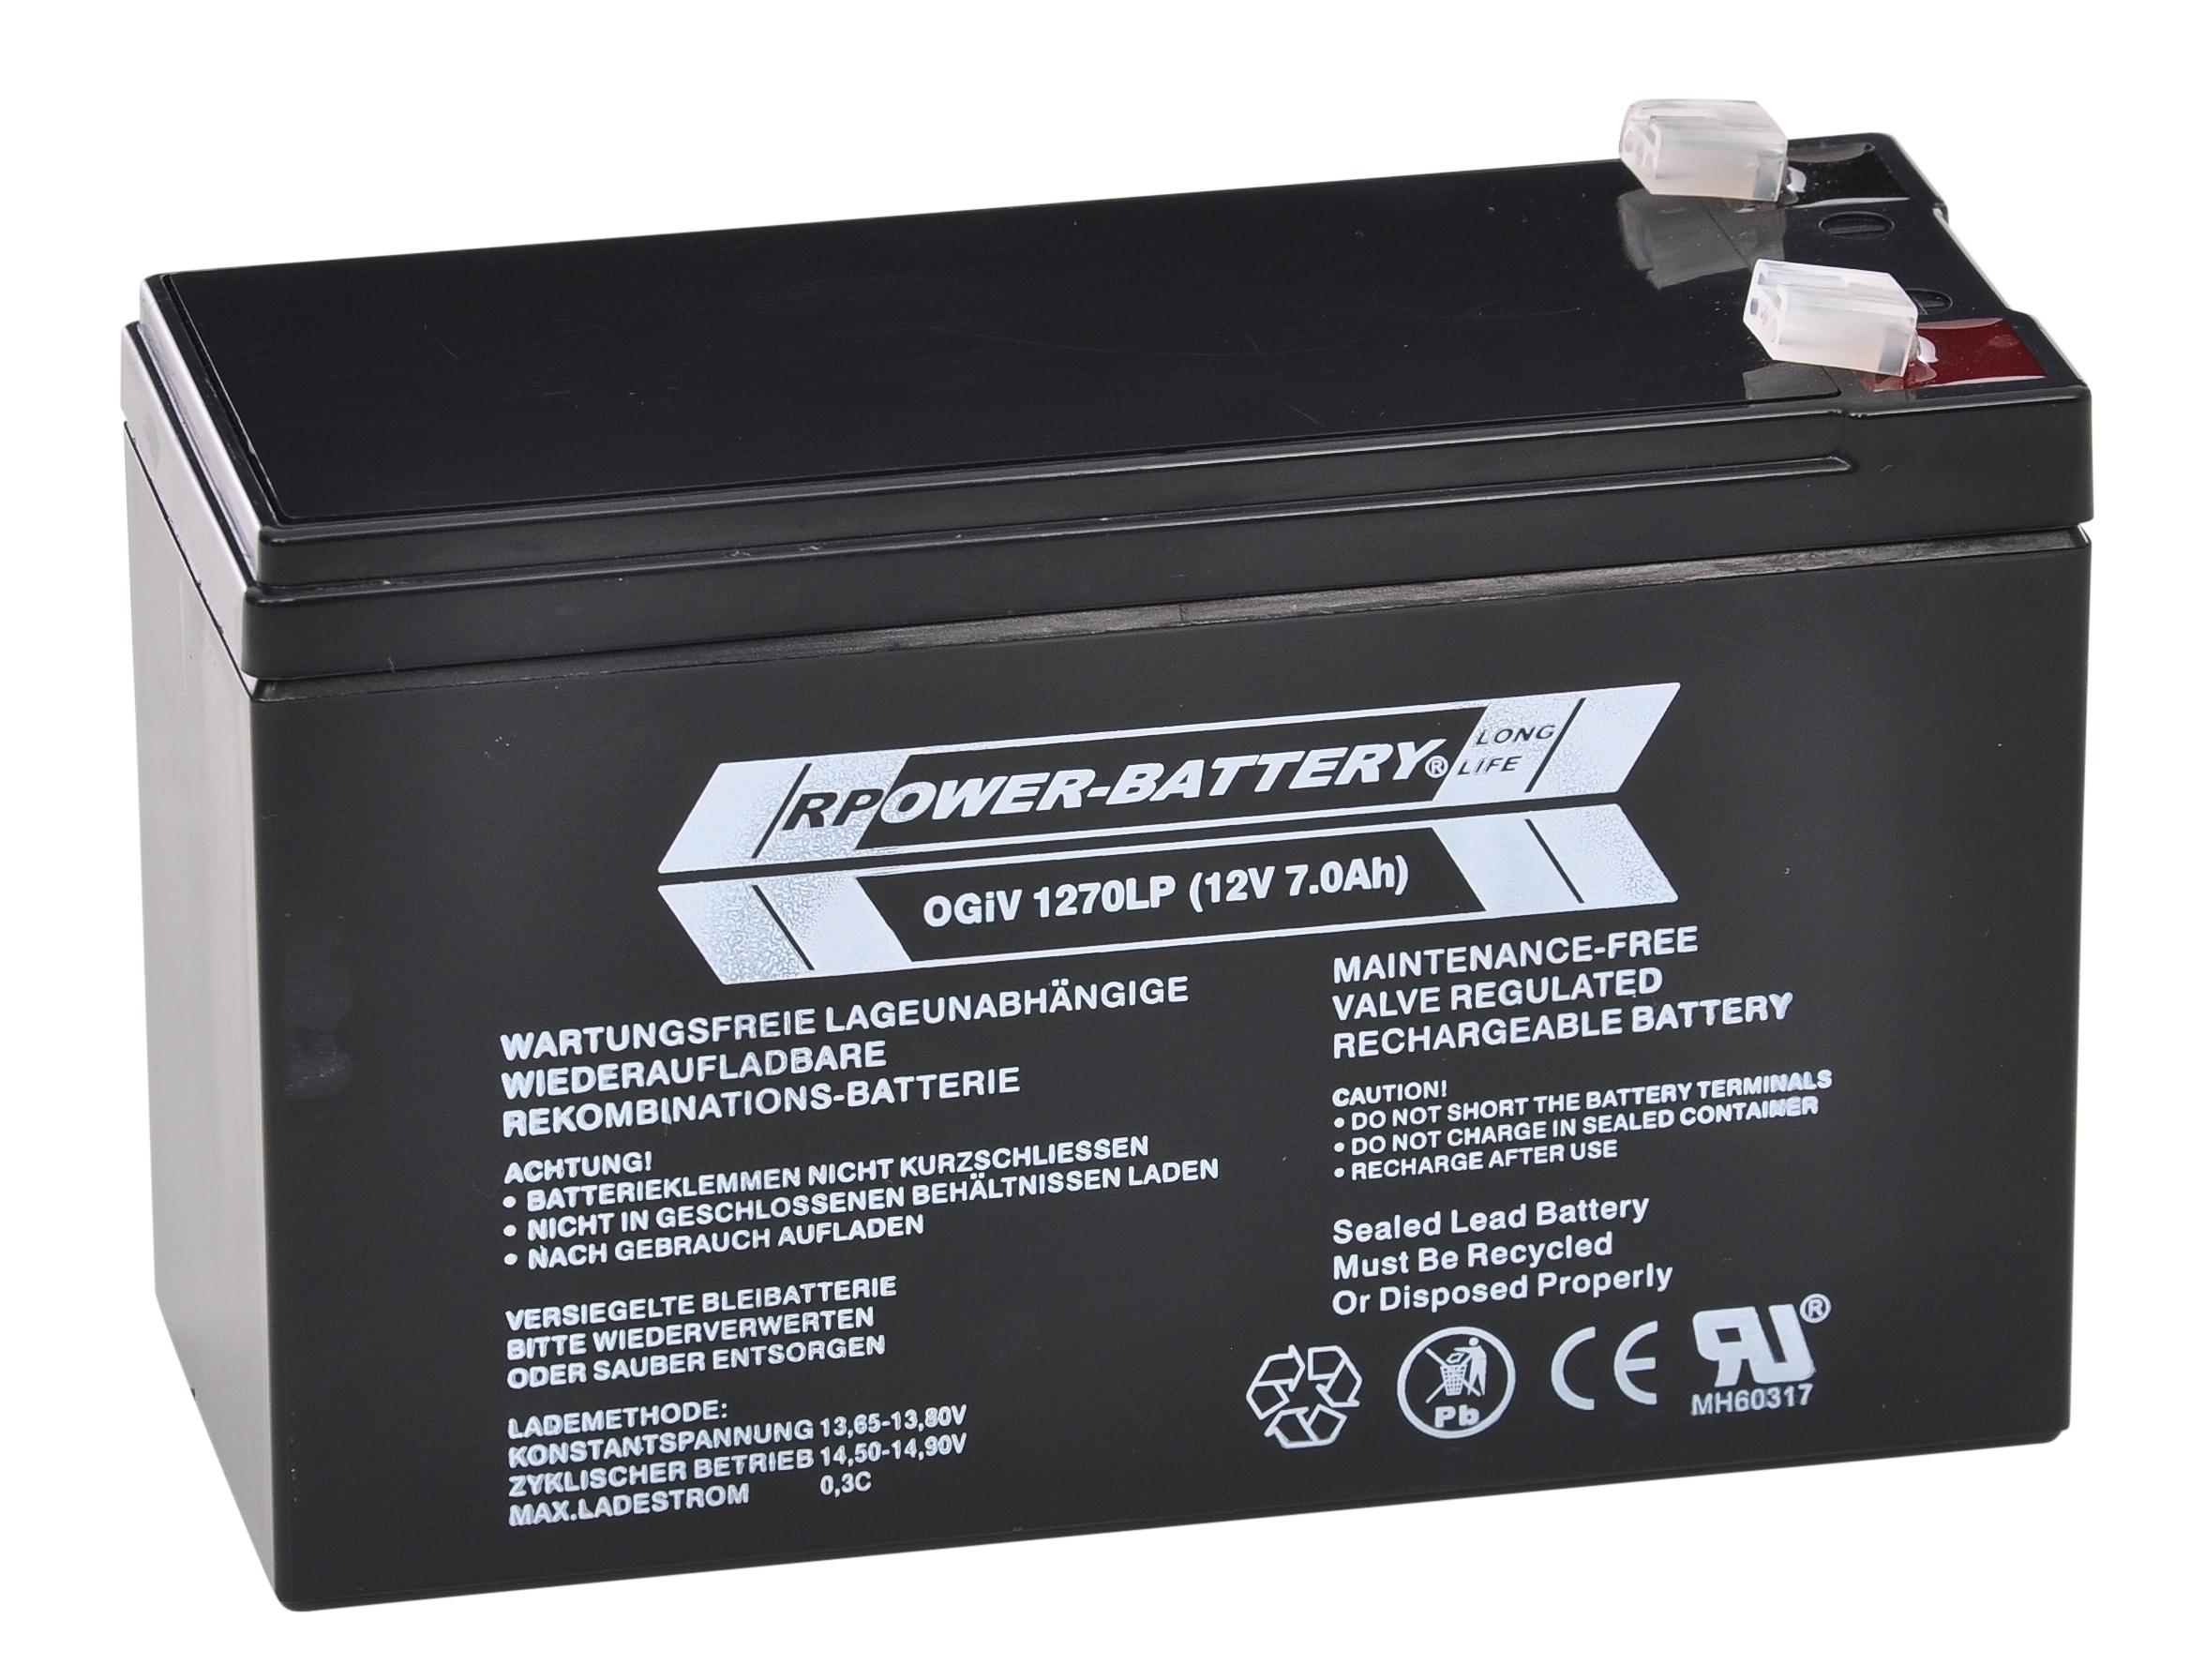 1 Stk Batterie RPower OGiV longlife 10-12 Jahre 12V/7,0Ah NLBA007L--